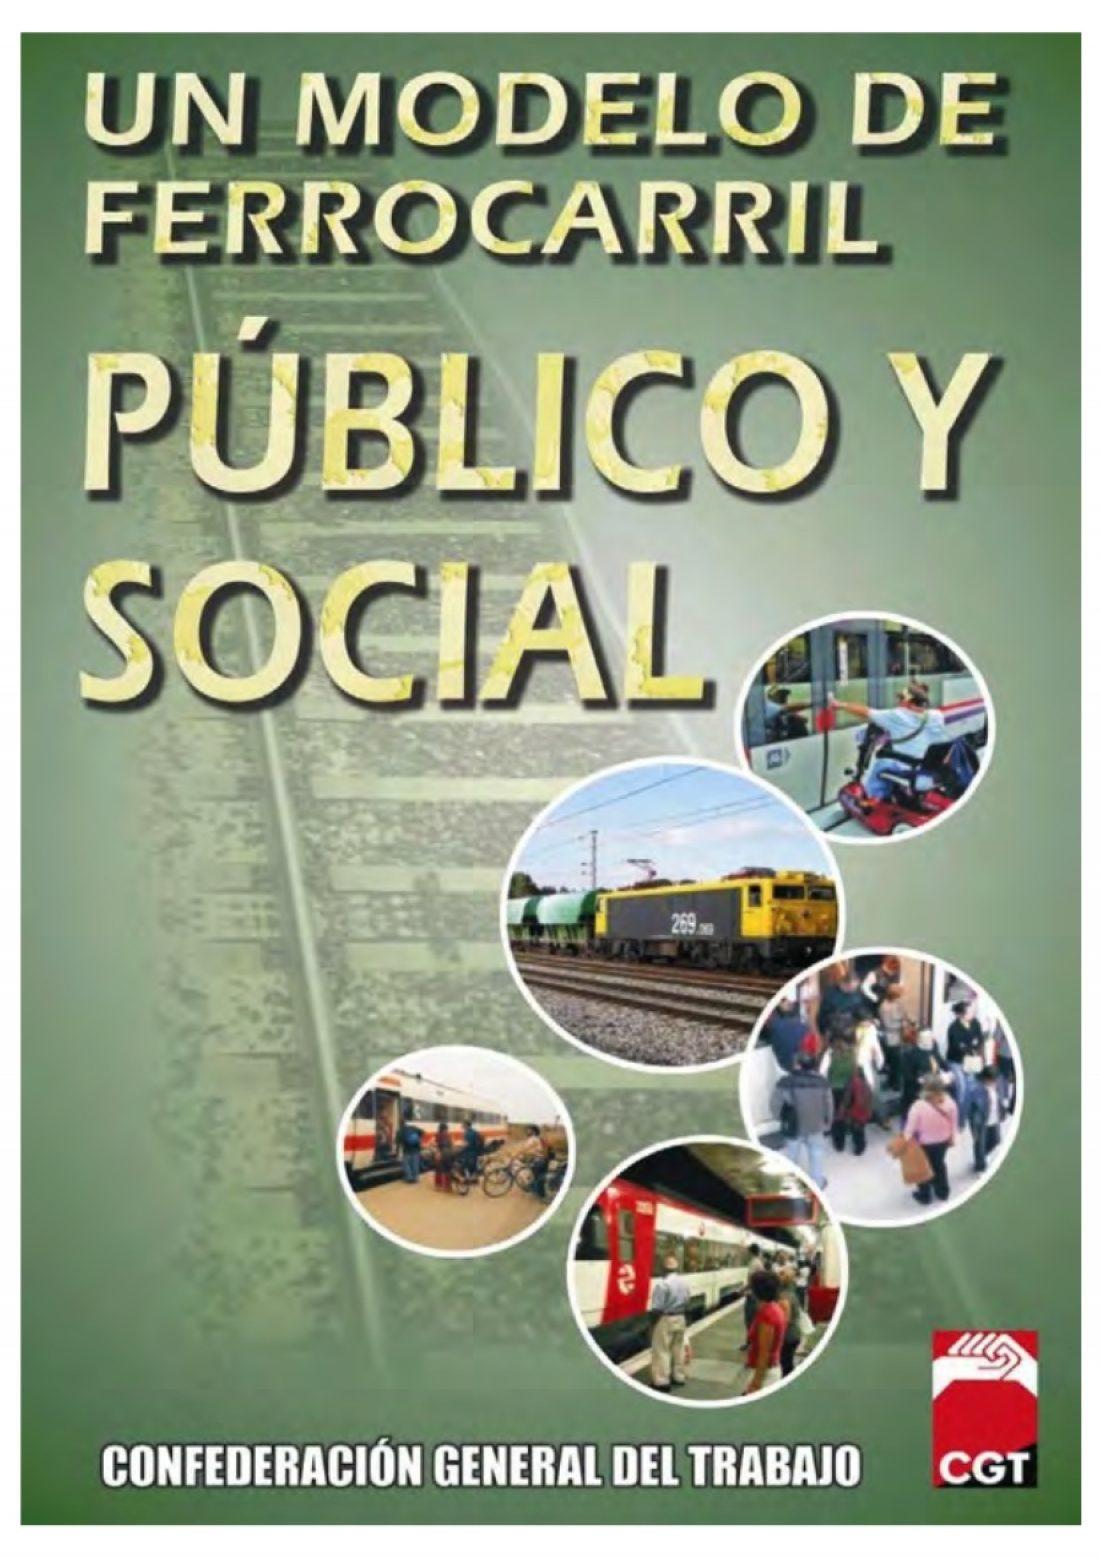 CGT presenta su propuesta de Modelo de Ferrocarril